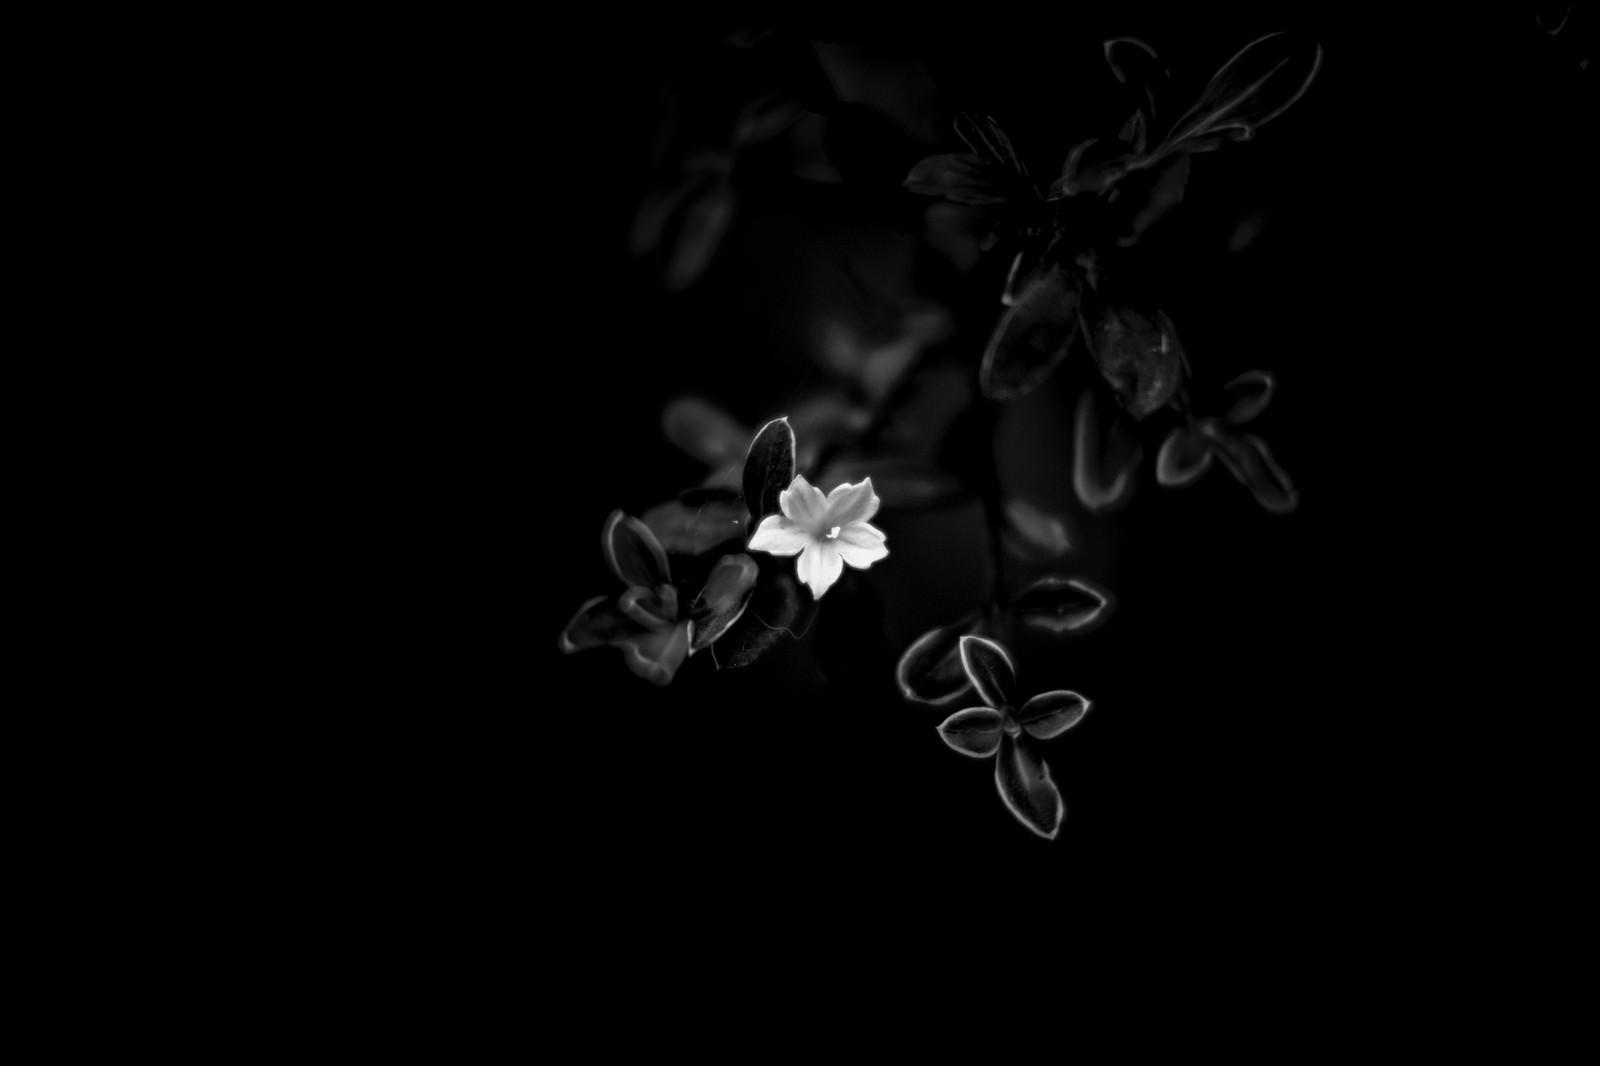 「白い花(モノクロ)」の写真